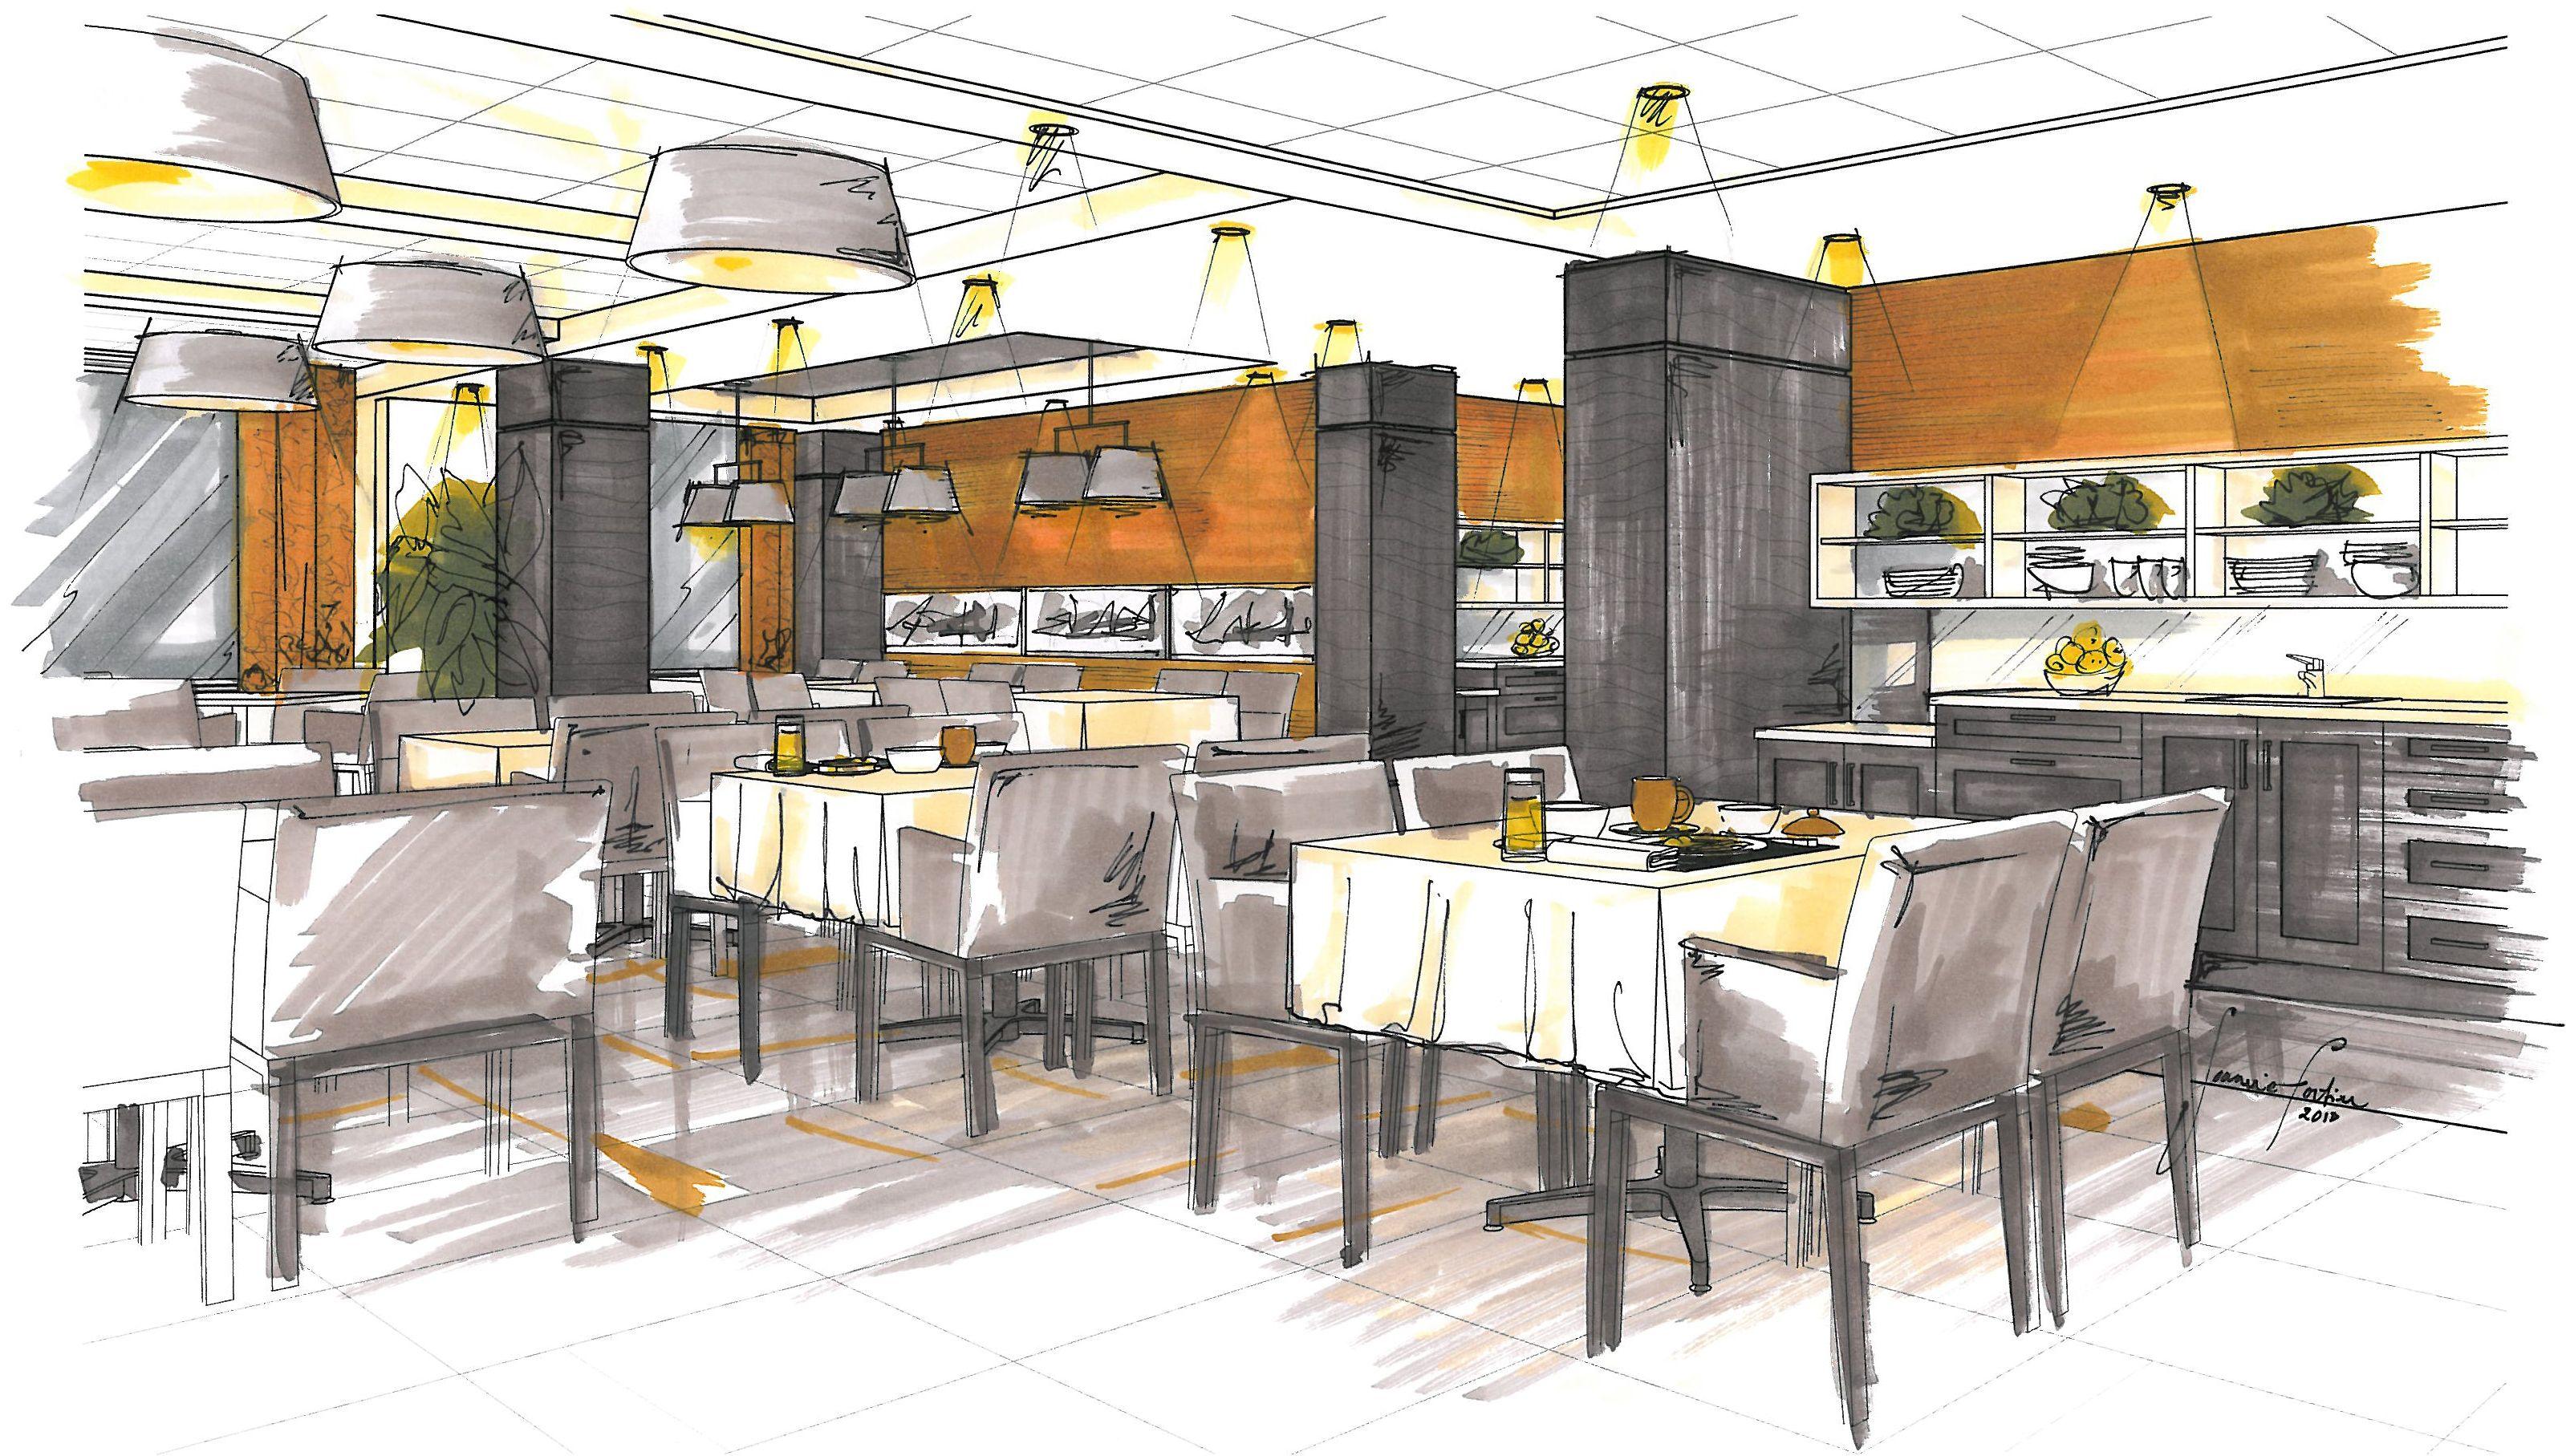 Wonderful Projet Résidence Rive/ Dessin à La Main/ Perspective/ Salle à Mange/ Design